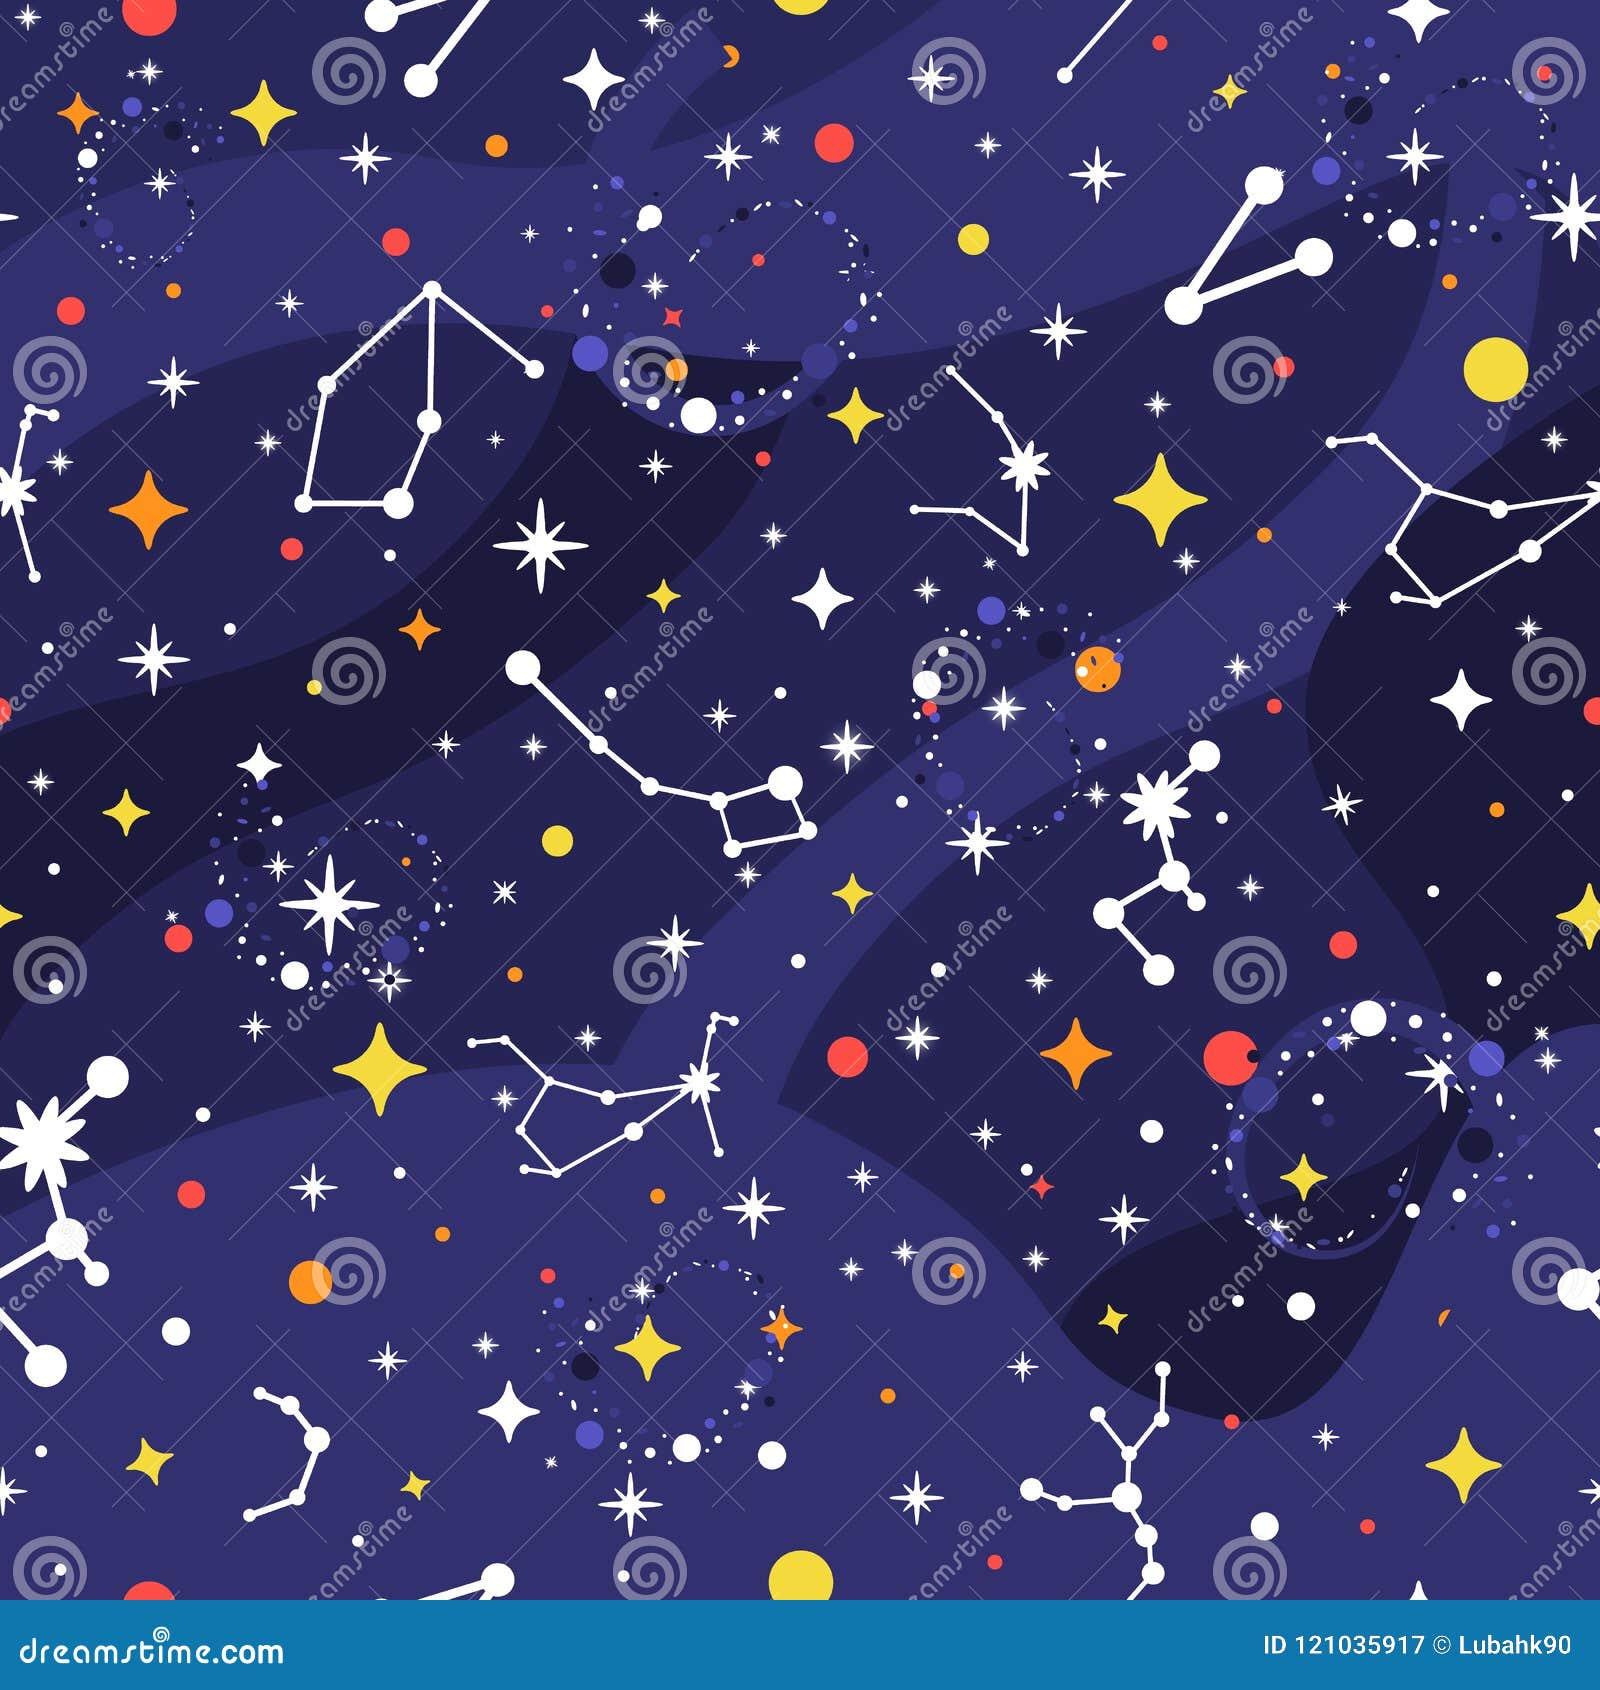 Galaxy Pattern Amazing Ideas